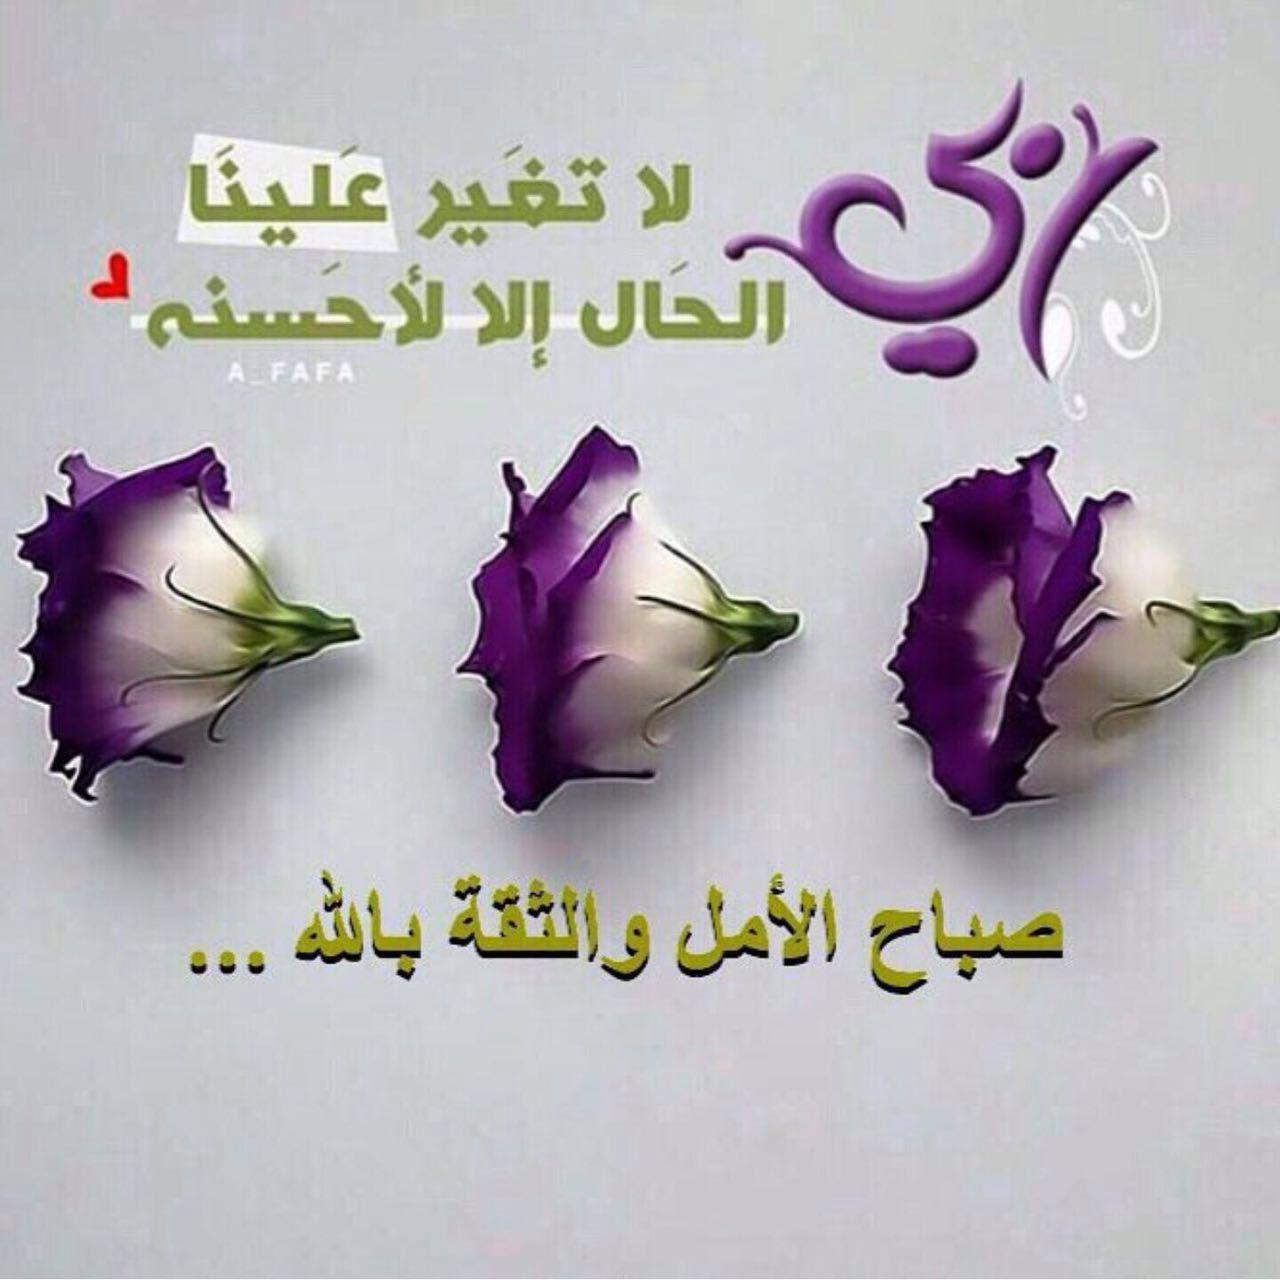 بالصور ادعية صباحية , اروع الادعية الصباحية 2369 4